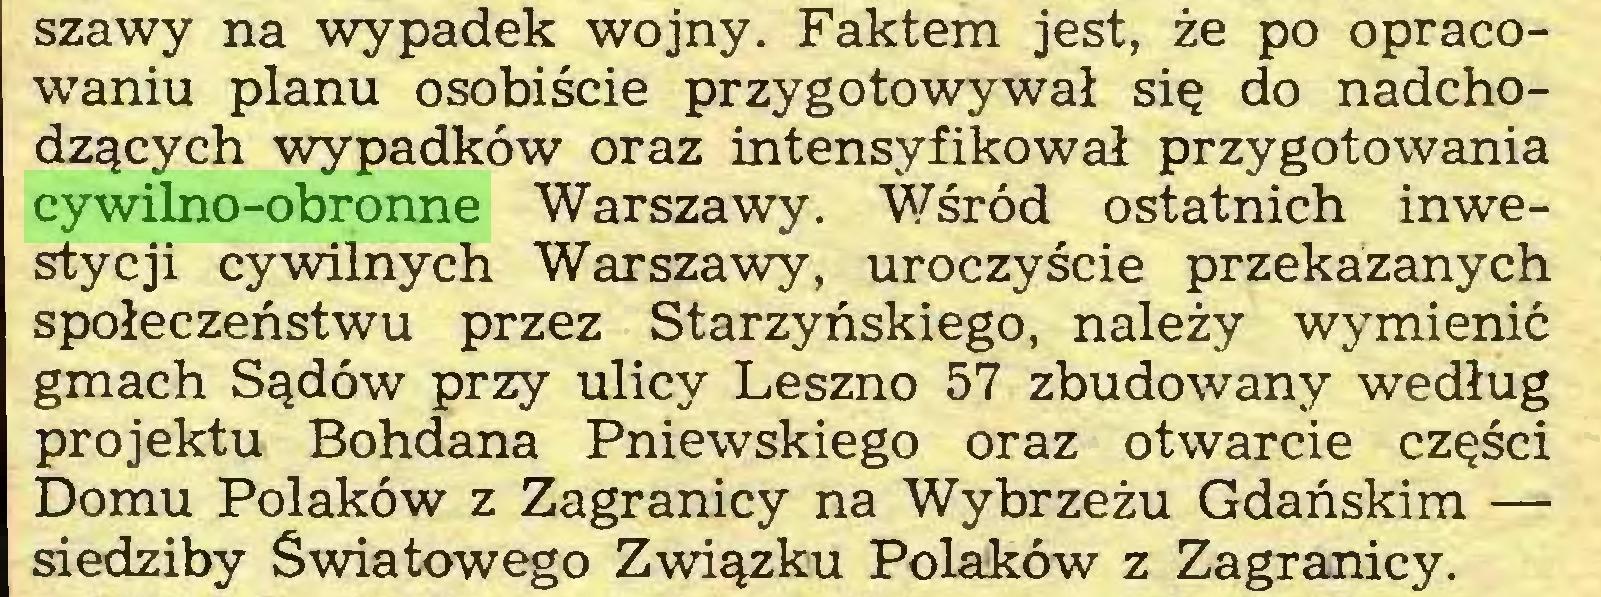 (...) szawy na wypadek wojny. Faktem jest, że po opracowaniu planu osobiście przygotowywał się do nadchodzących wypadków oraz intensyfikował przygotowania cywilno-obronne Warszawy. Wśród ostatnich inwestycji cywilnych Warszawy, uroczyście przekazanych społeczeństwu przez Starzyńskiego, należy wymienić gmach Sądów przy ulicy Leszno 57 zbudowany według projektu Bohdana Pniewskiego oraz otwarcie części Domu Polaków z Zagranicy na Wybrzeżu Gdańskim — siedziby Światowego Związku Polaków z Zagranicy...